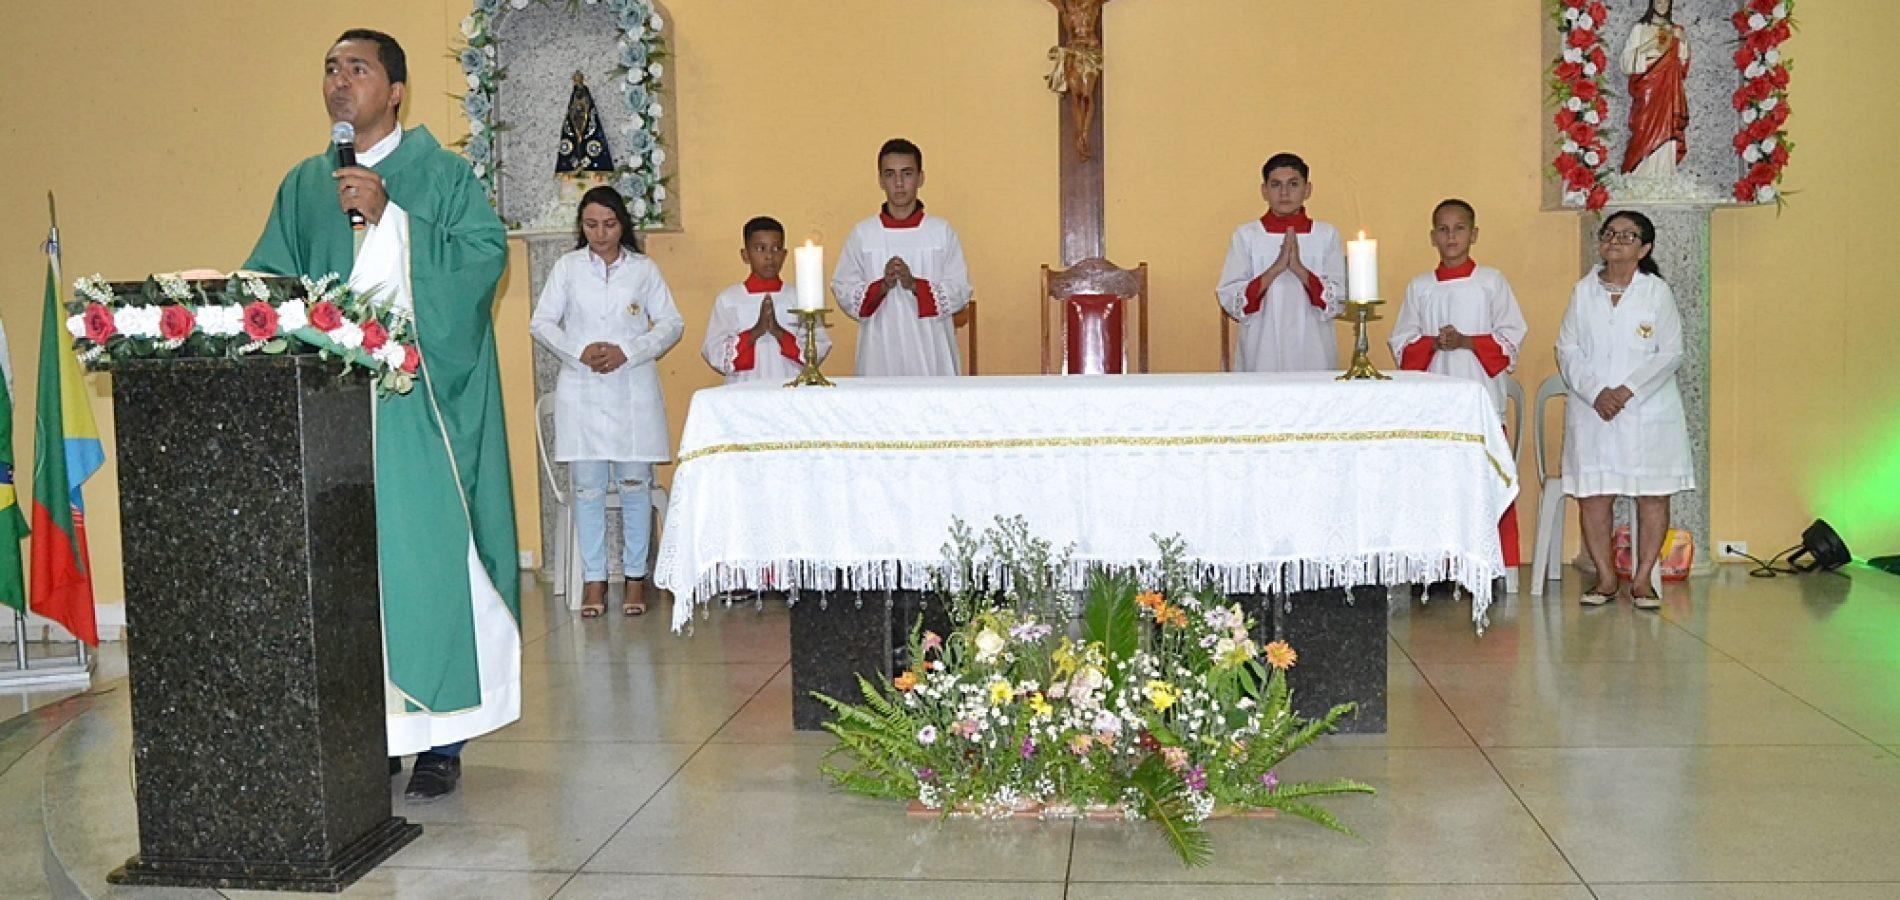 CARIDADE 24 ANOS | Fotos da Missa em Ação de Graças e festa com artistas locais